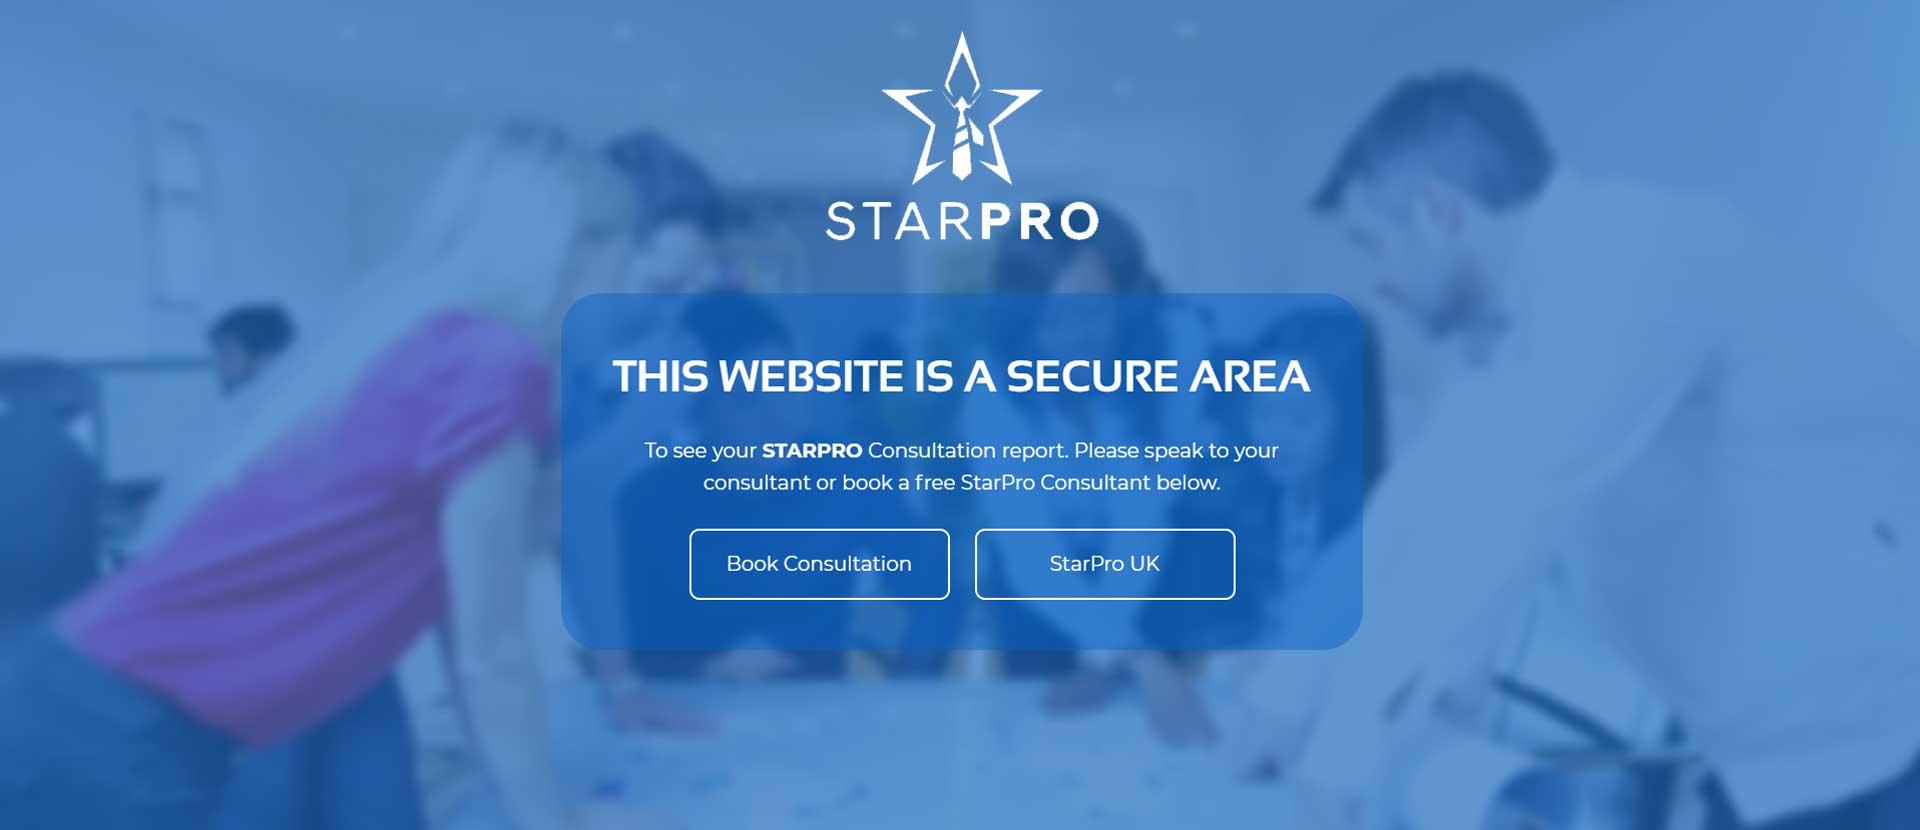 My Star Pro